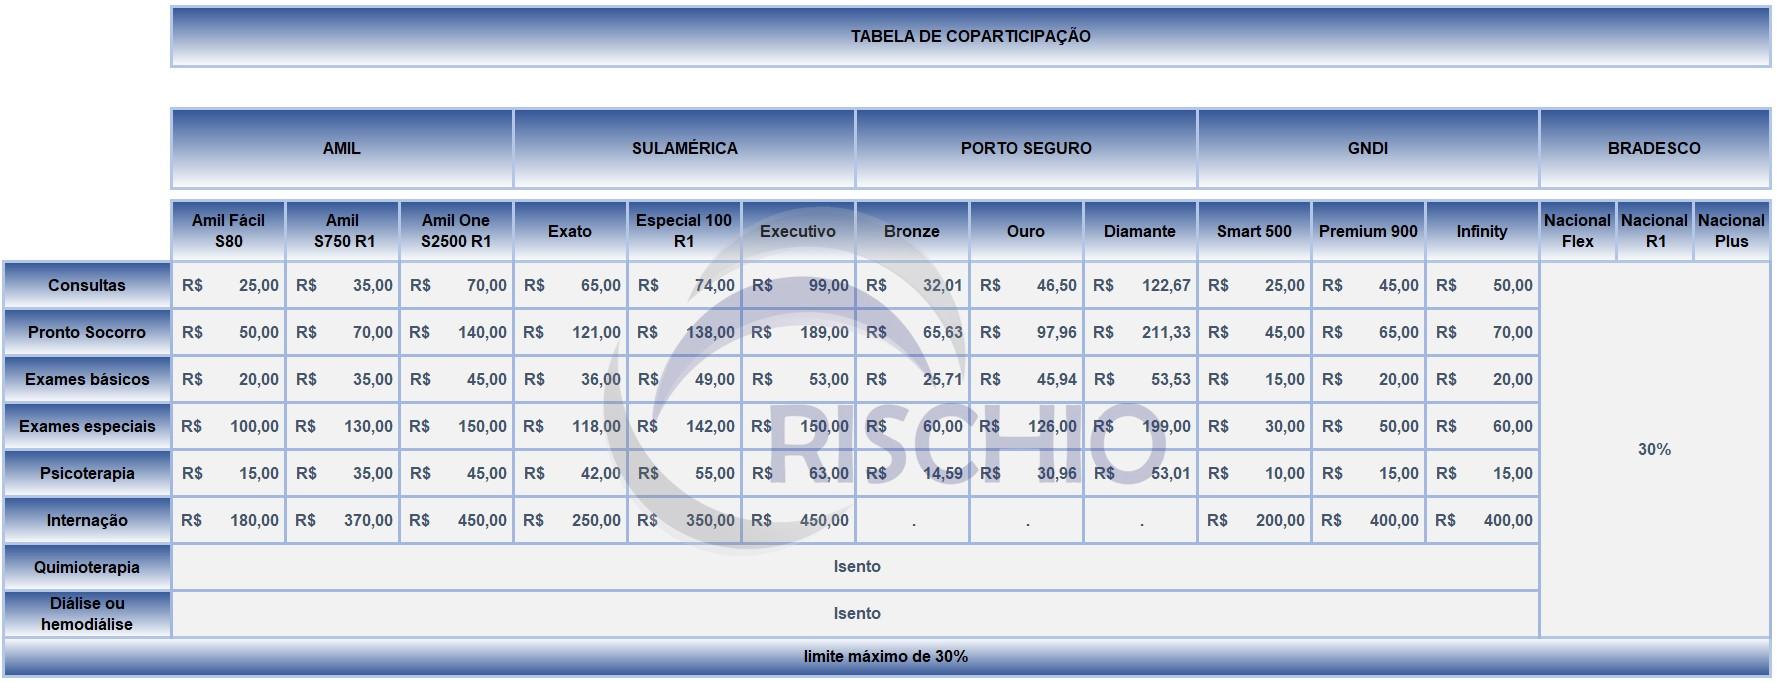 Tabela coparticipação plano de saúde GNDI, AMIL, Porto Seguro, Bradesco e SulAmerica.